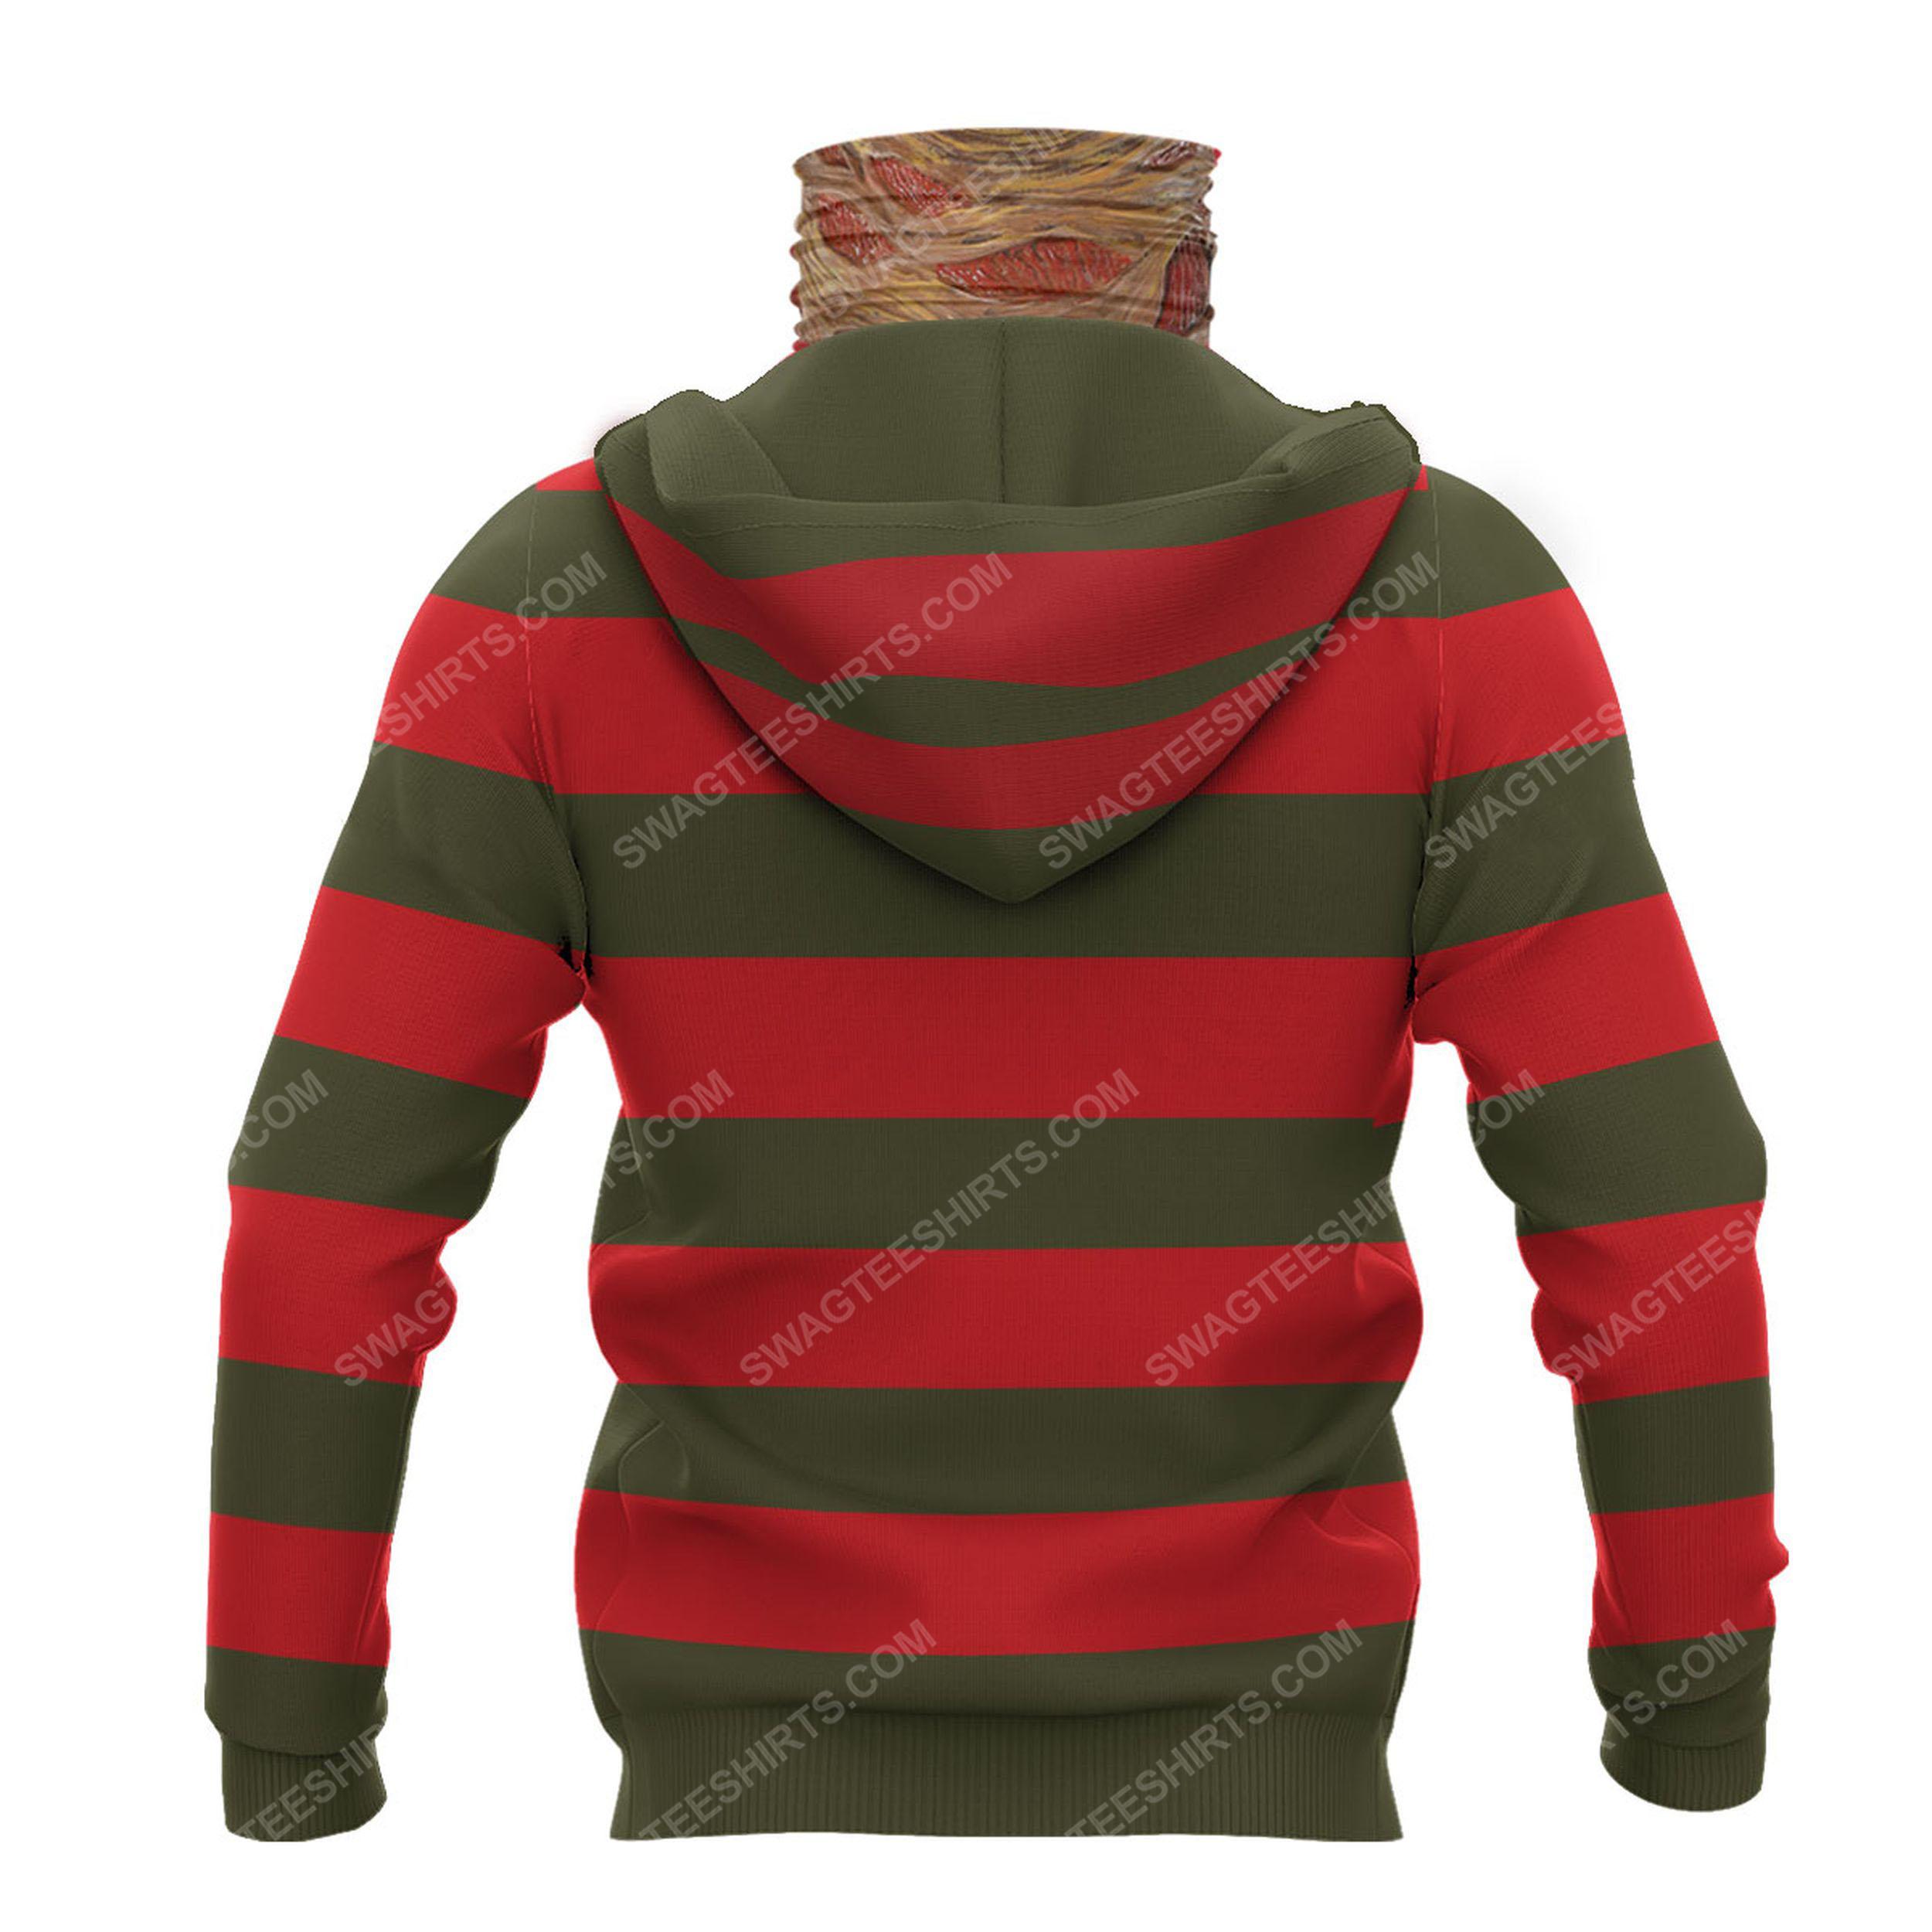 Freddy krueger a nightmare on elm street full print mask hoodie 3(1) - Copy